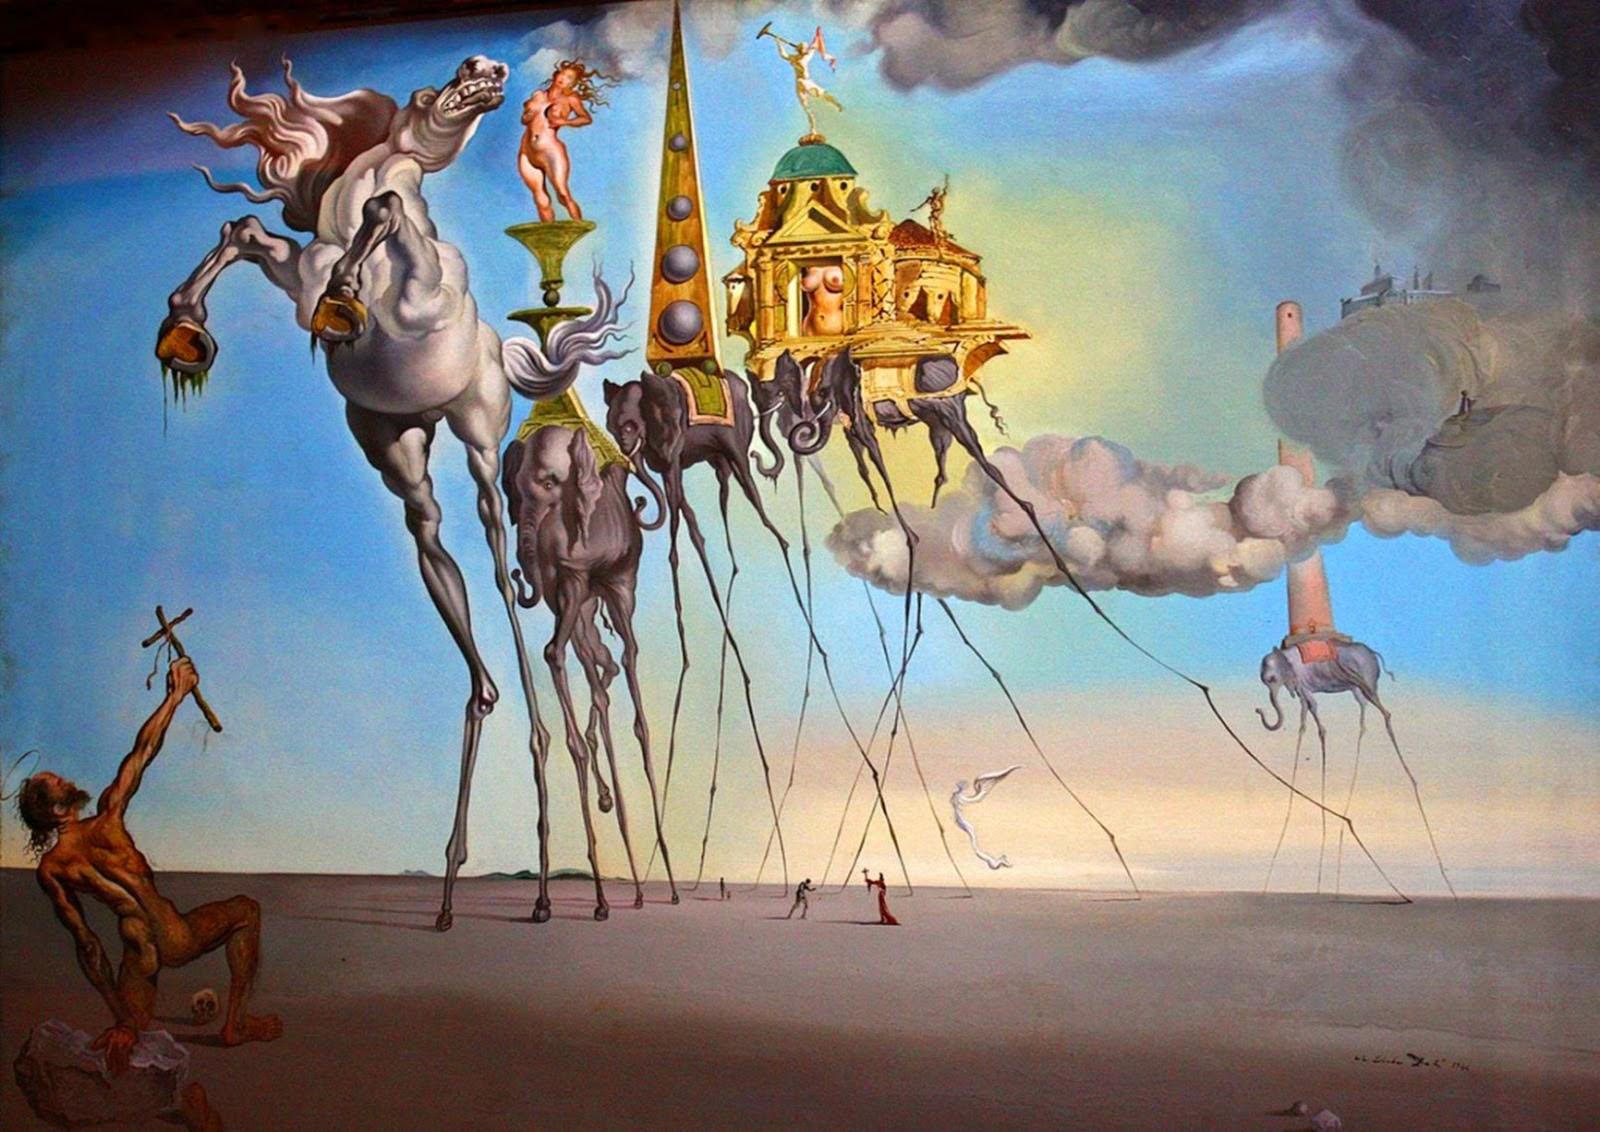 Salvador Dalí (1904-1989),  The Temptation of St Anthony  (1946), oil on canvas, 119.5 x 89.7 cm.Musée Royaux des Beaux-Arts, Brussels. Copyright Salvador Dalí, Fair Use.